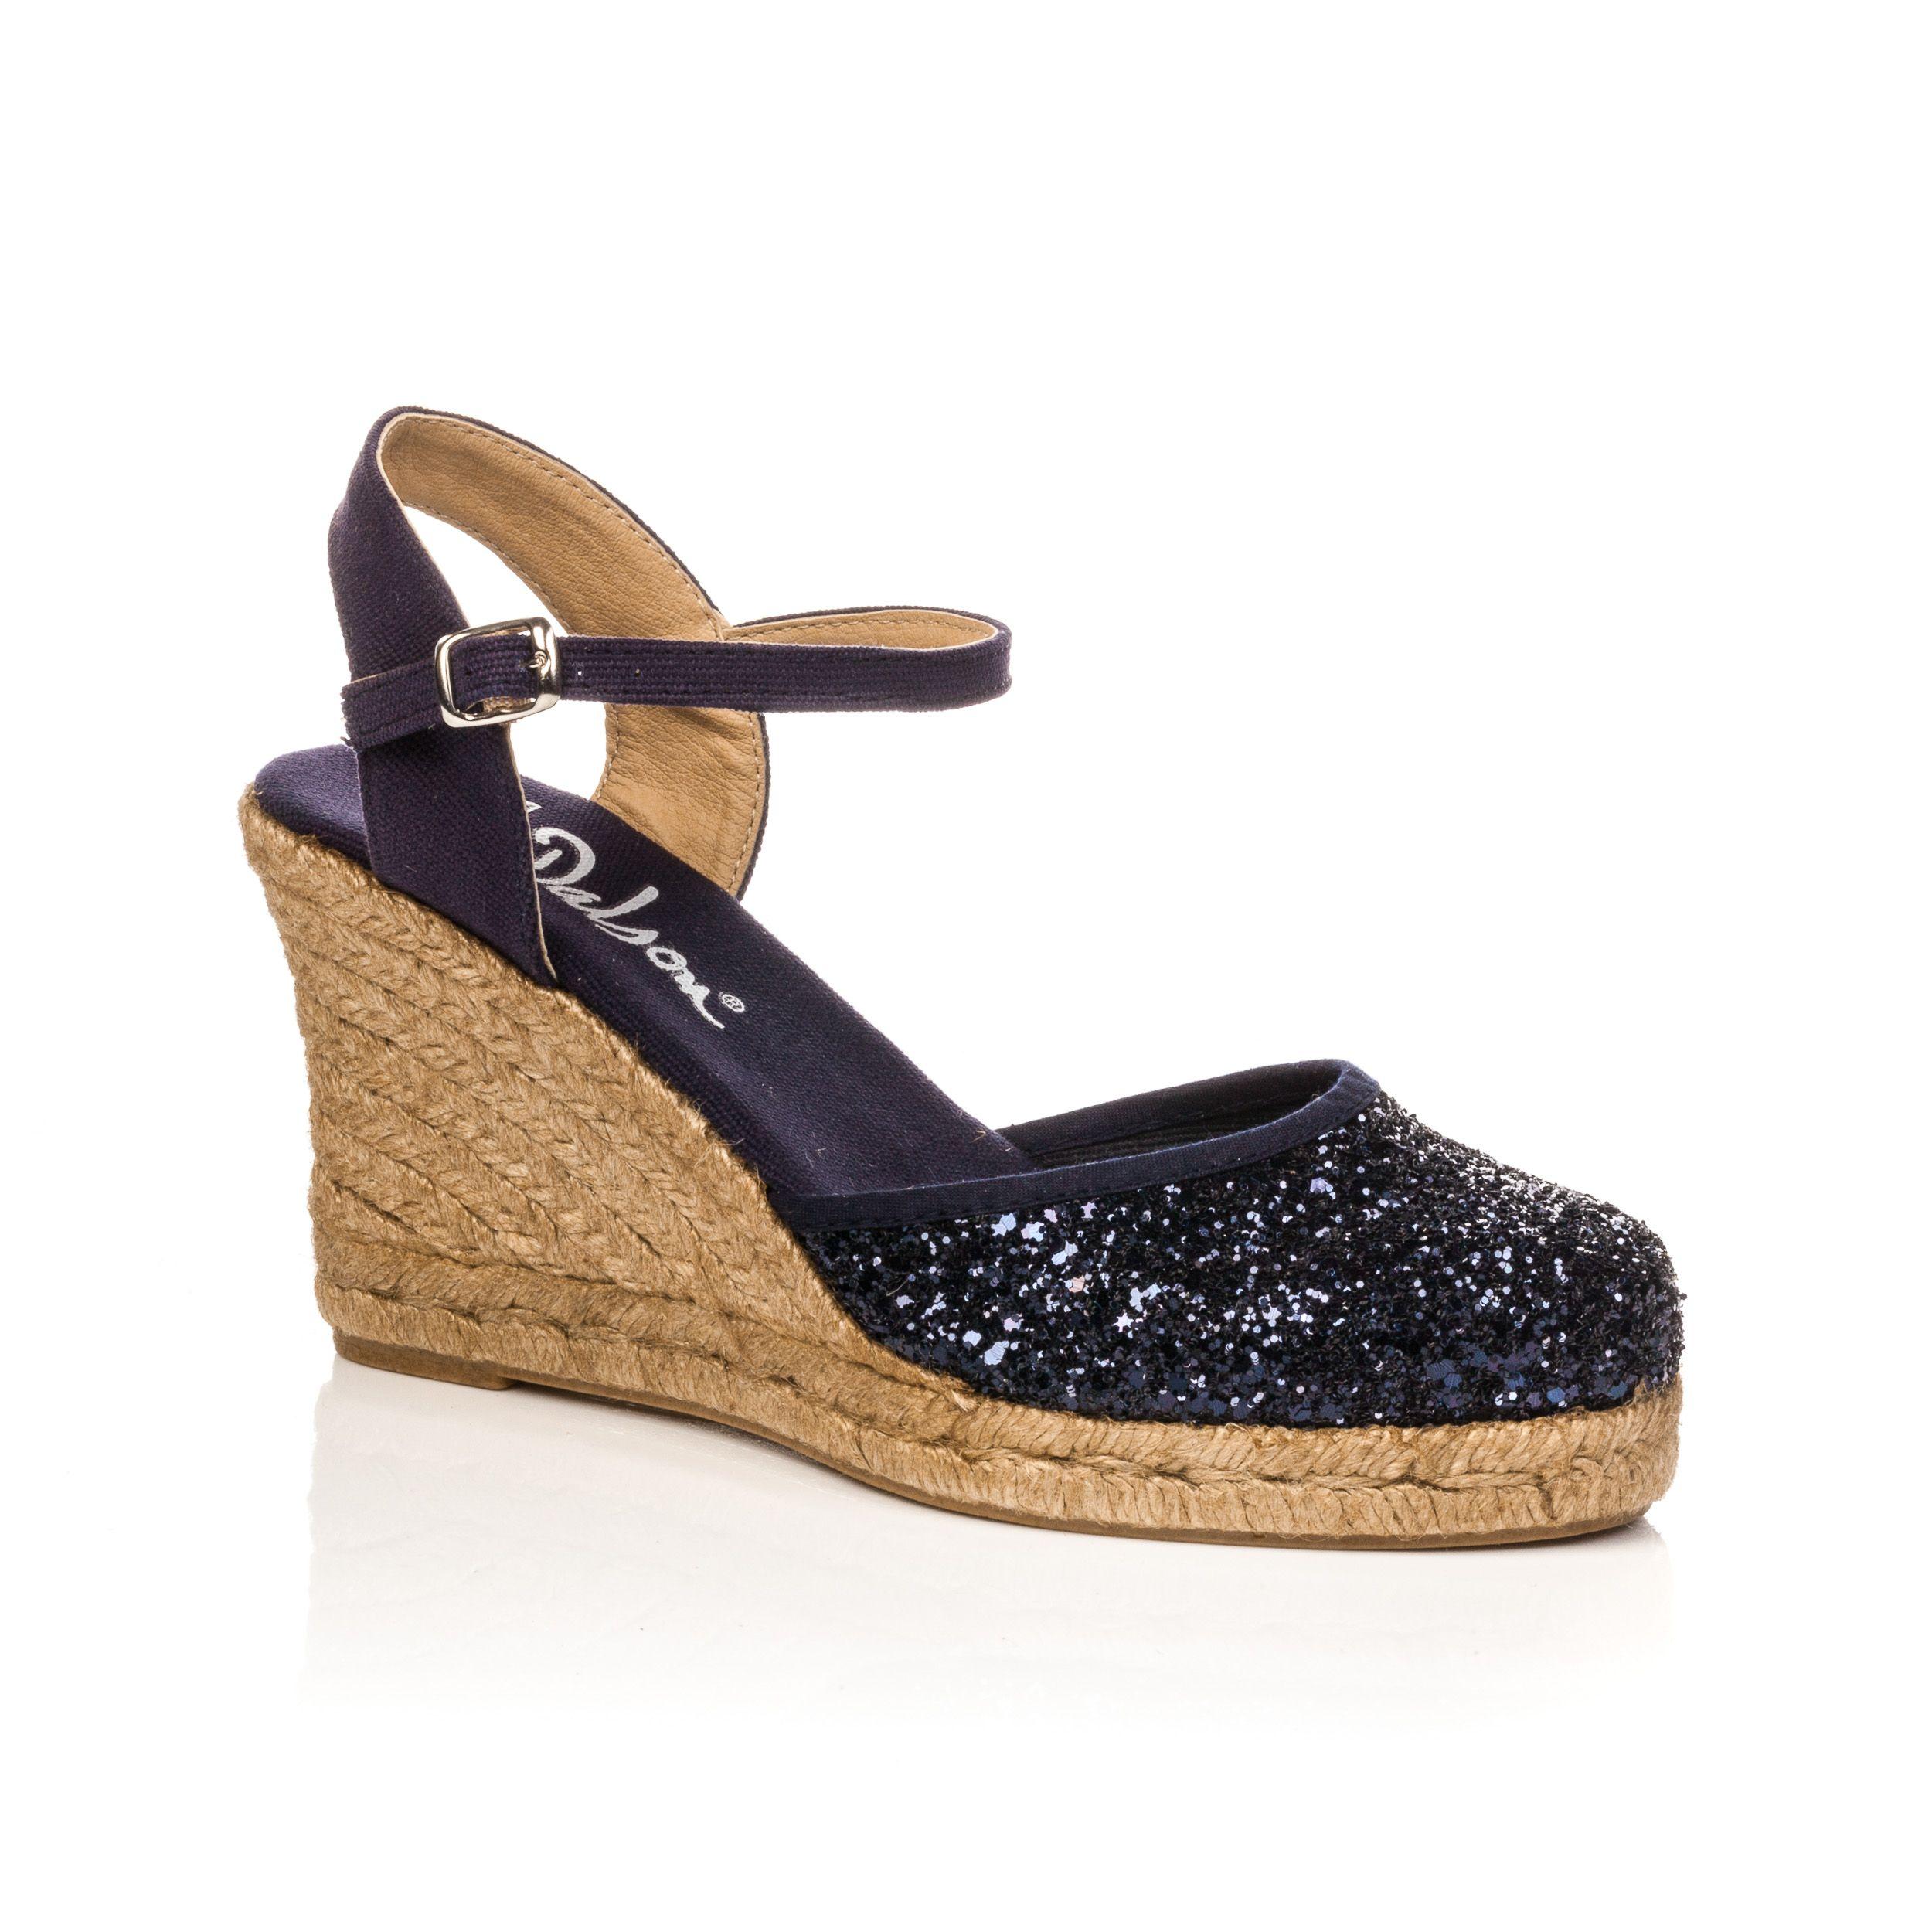 36dd0e5eced963 Les sandales compensées : incontournables pour un look élégant et  confortable. #bessonchaussures #besson